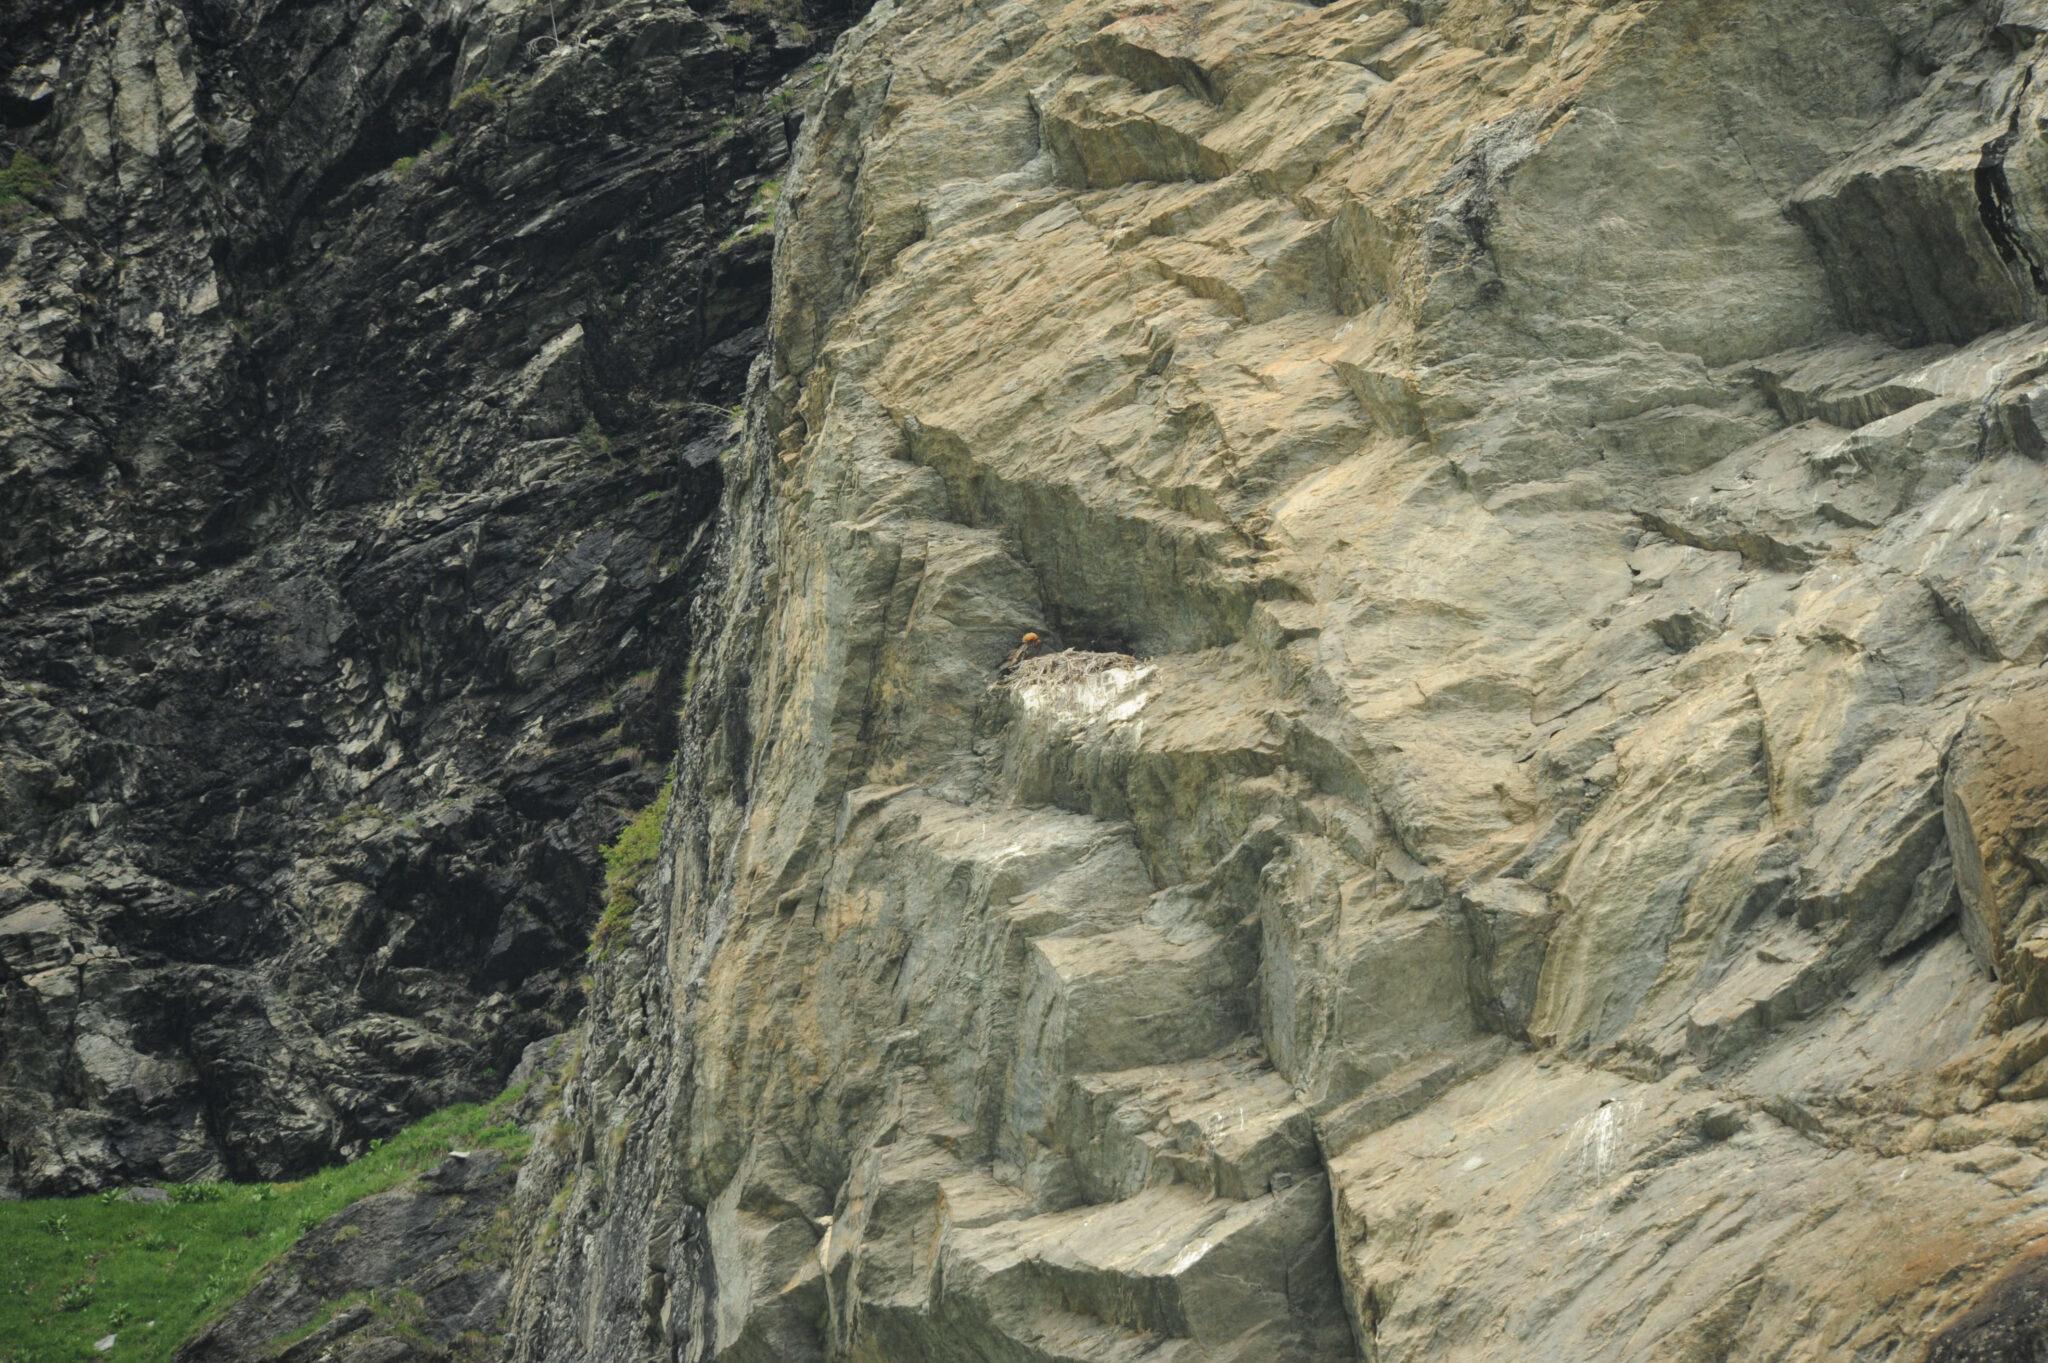 Le nid du couple de gypaète barbu de Peisey-Nancroix était installé dans le creux d'une falaise